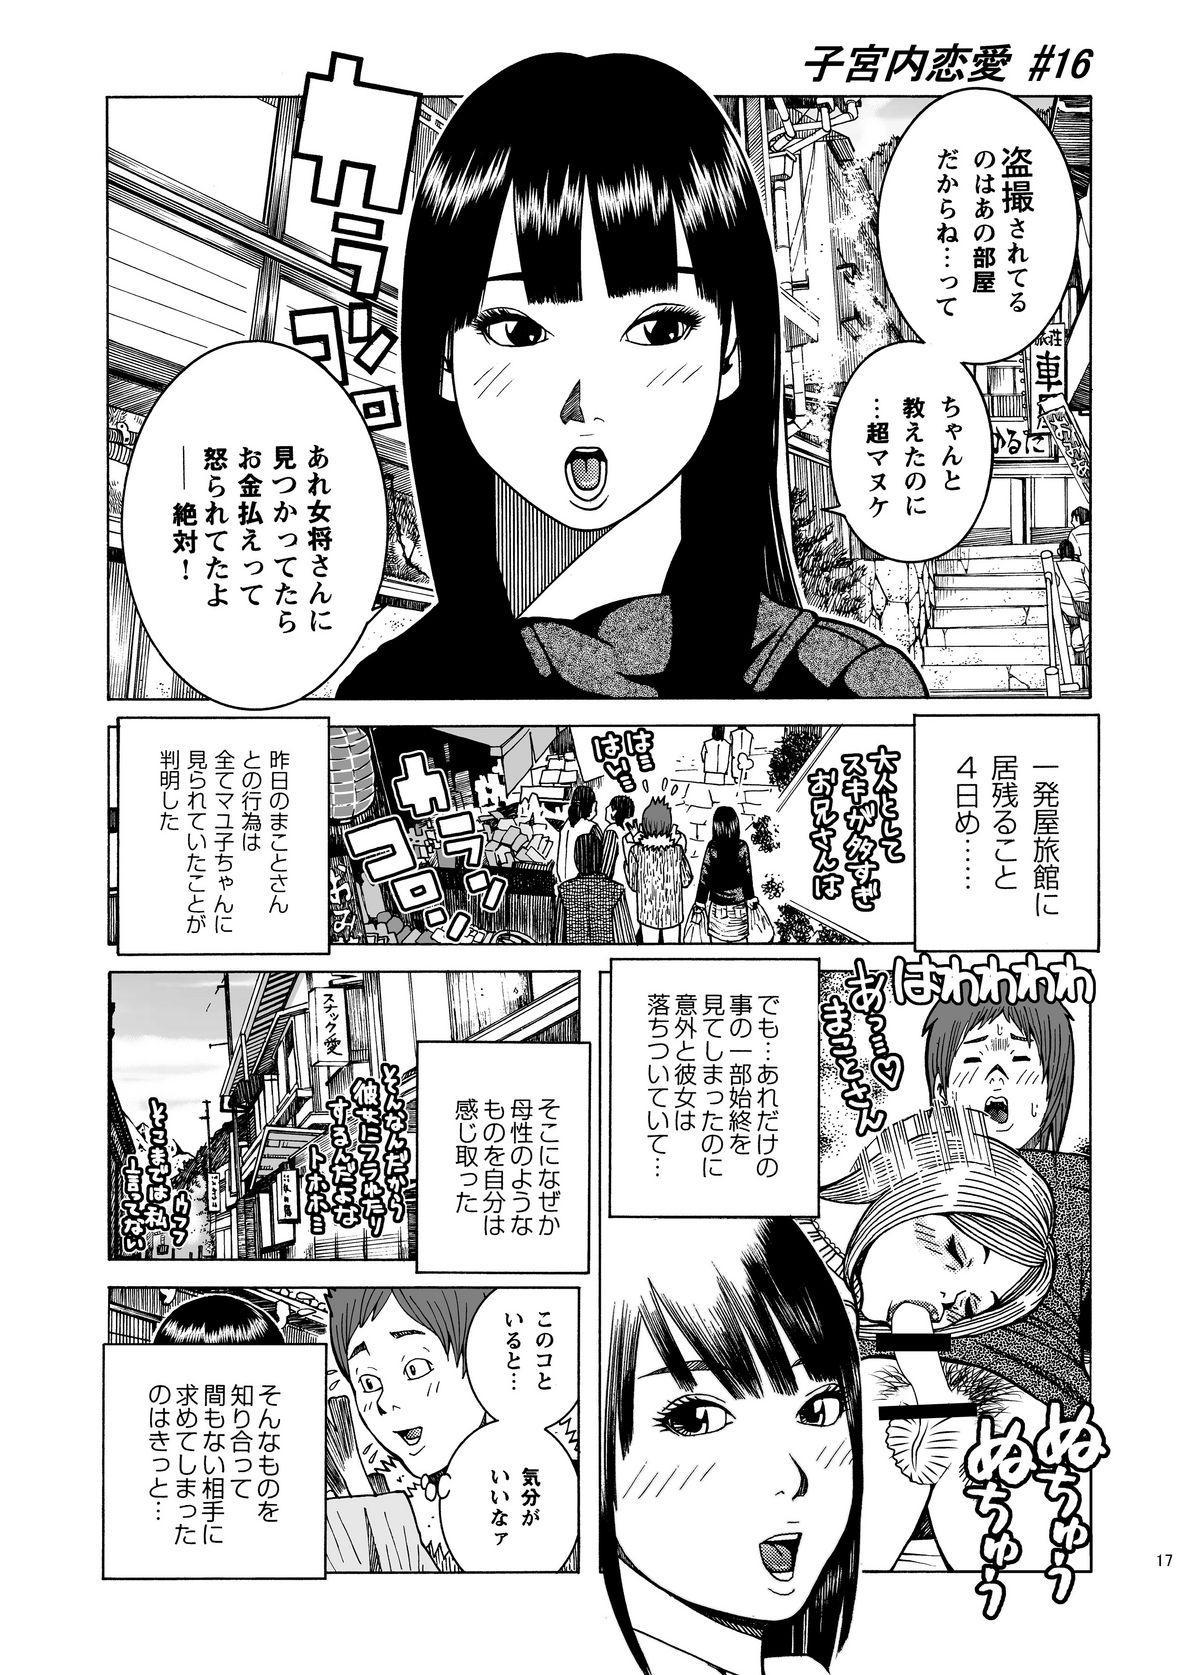 Shikyuunai Renai #14~#25 19